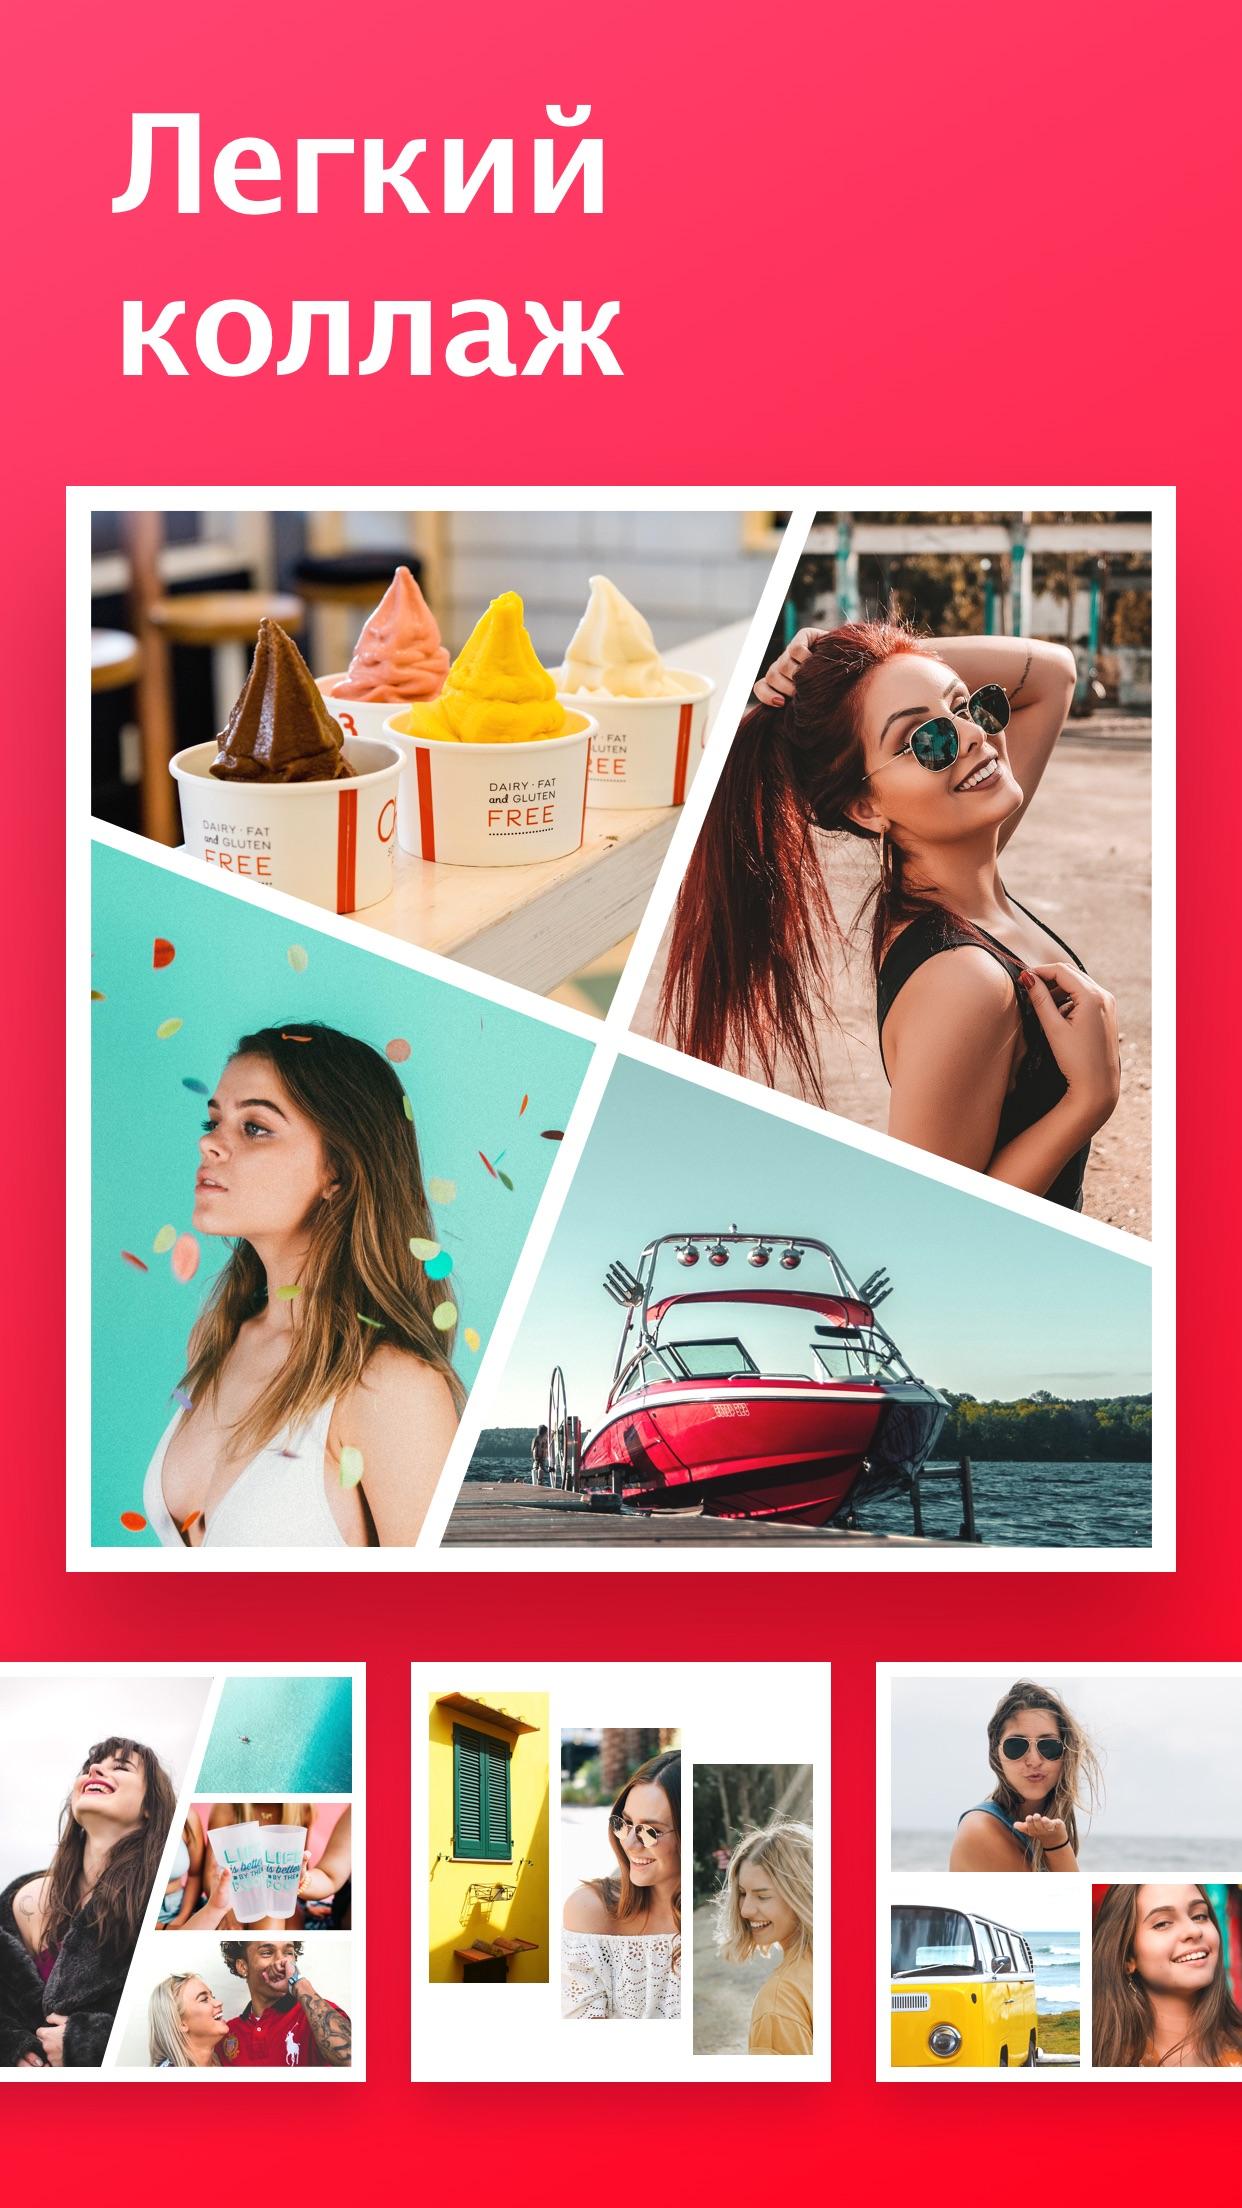 POTO - коллажи фото & фильтры Screenshot